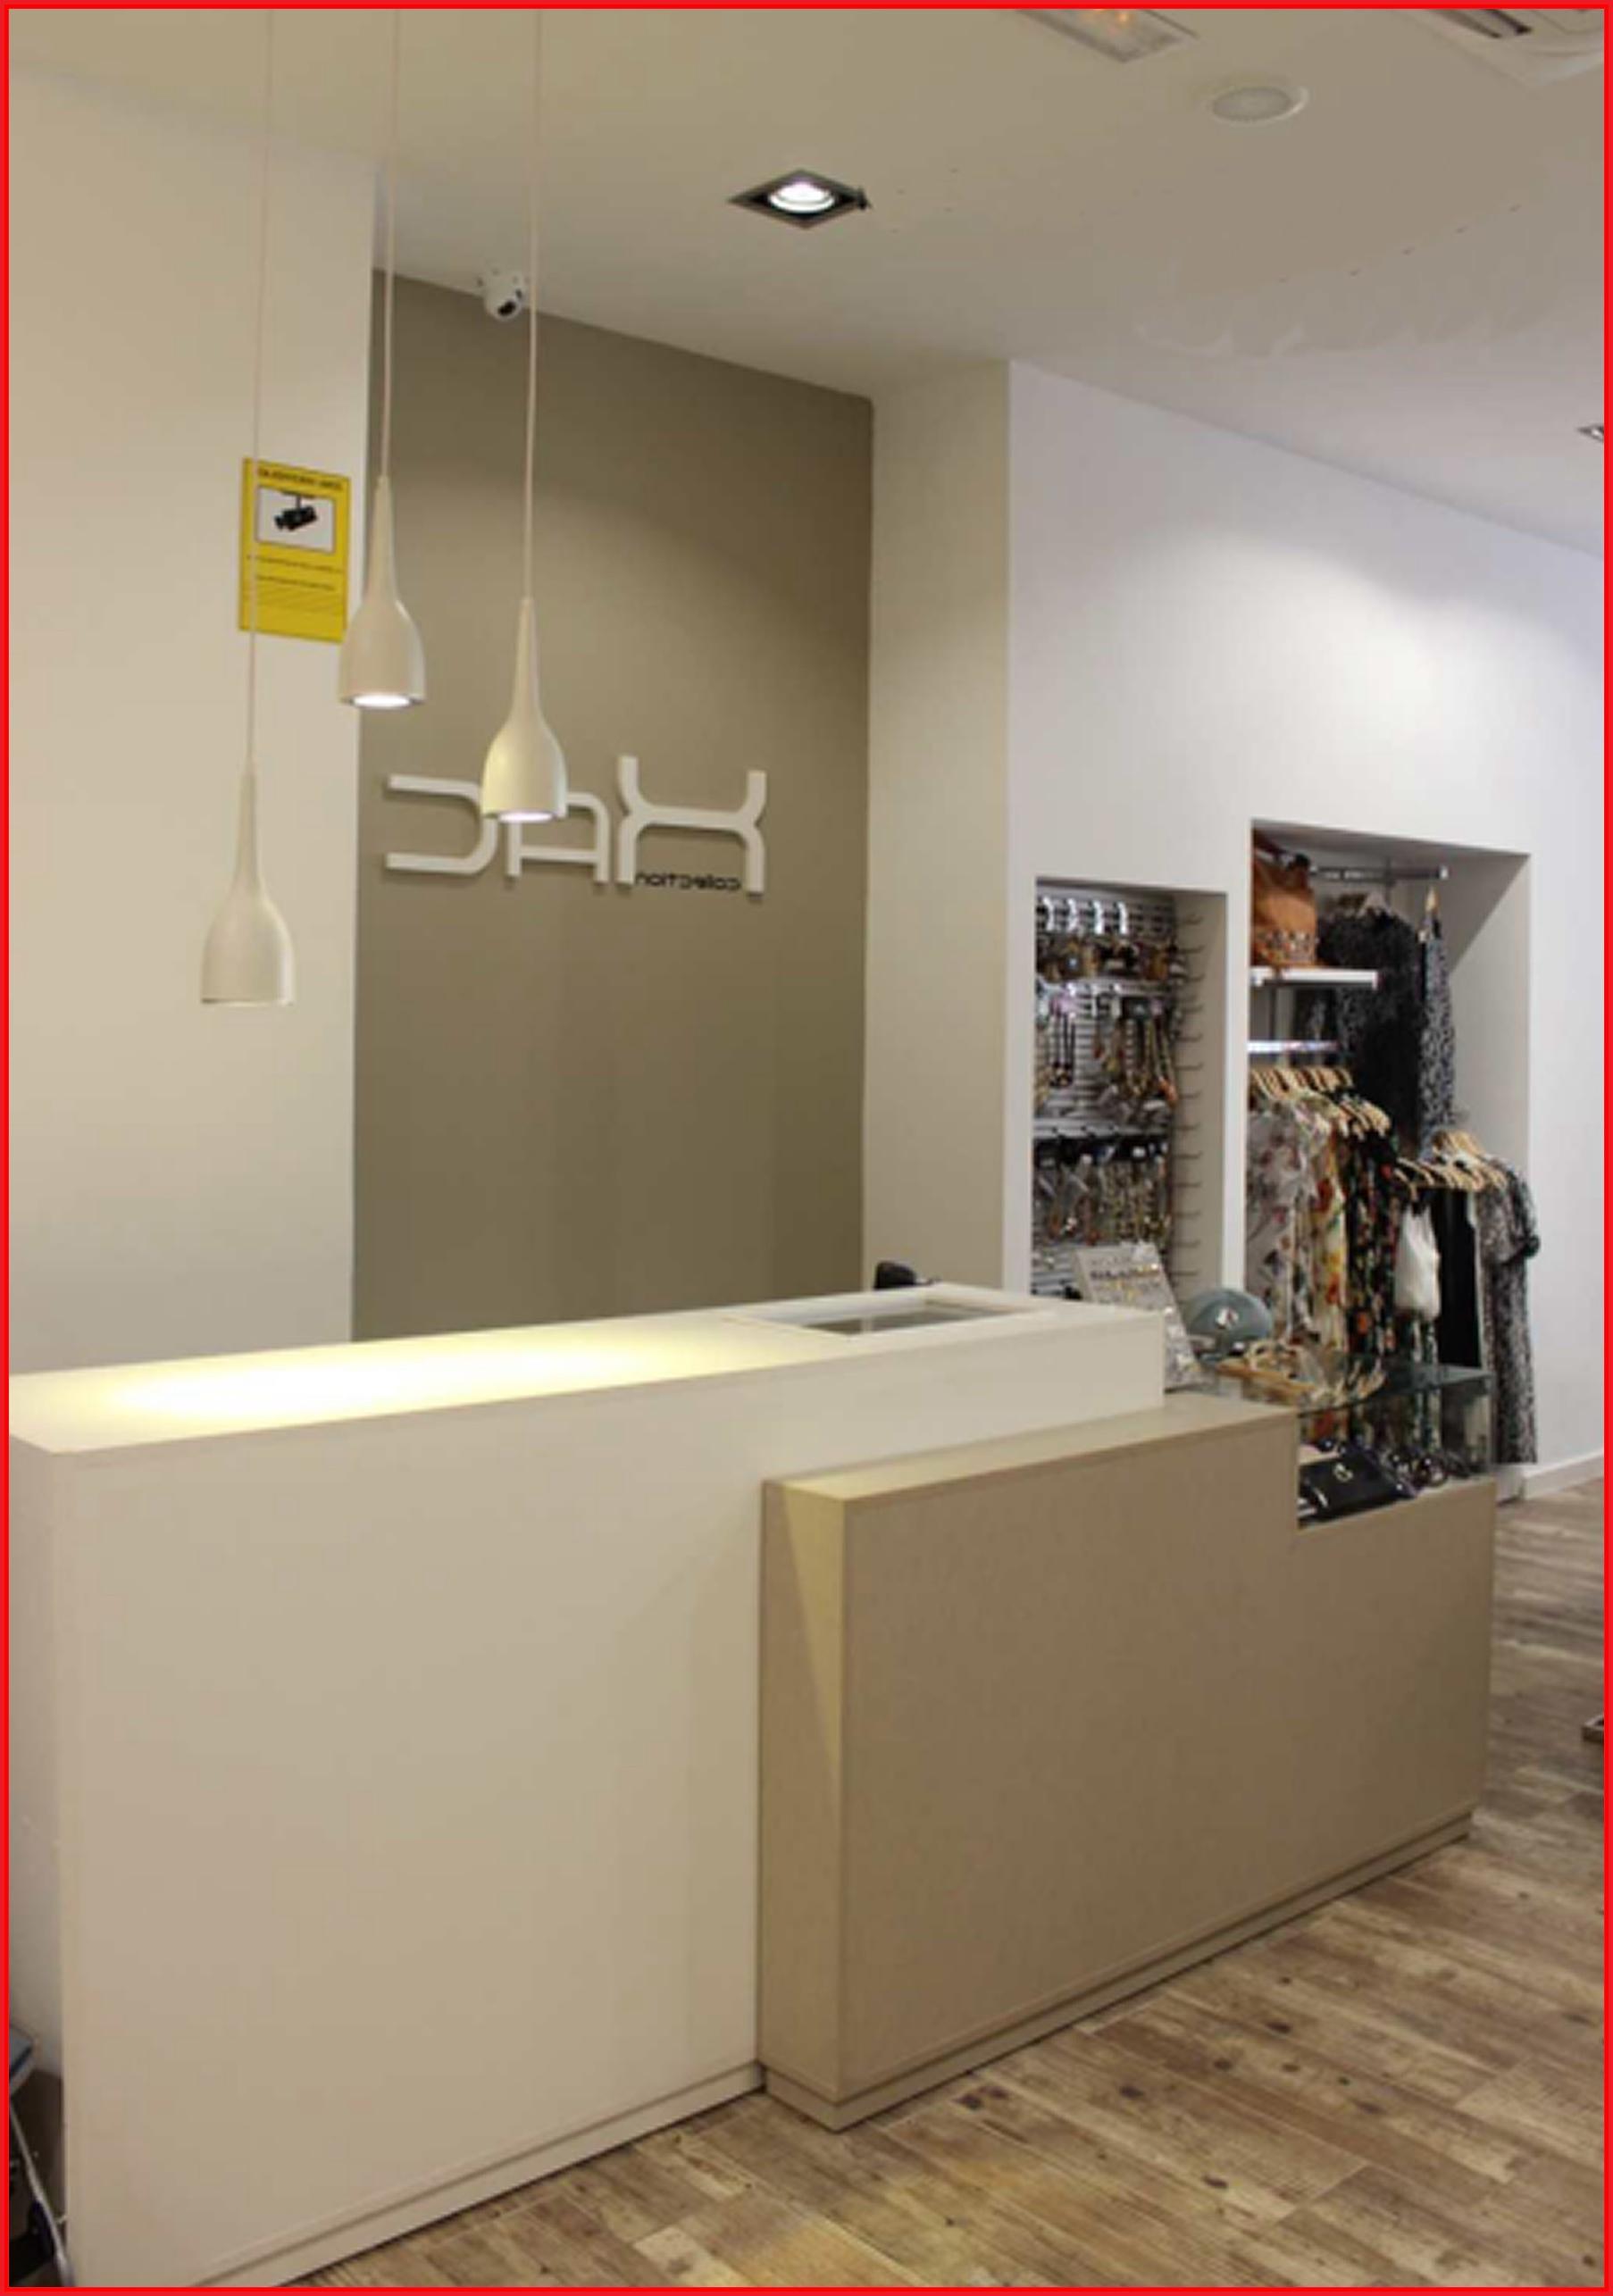 Tiendas Muebles Alicante Nkde Tienda Muebles Alicante Tiendas Muebles Alicante Tiendas De